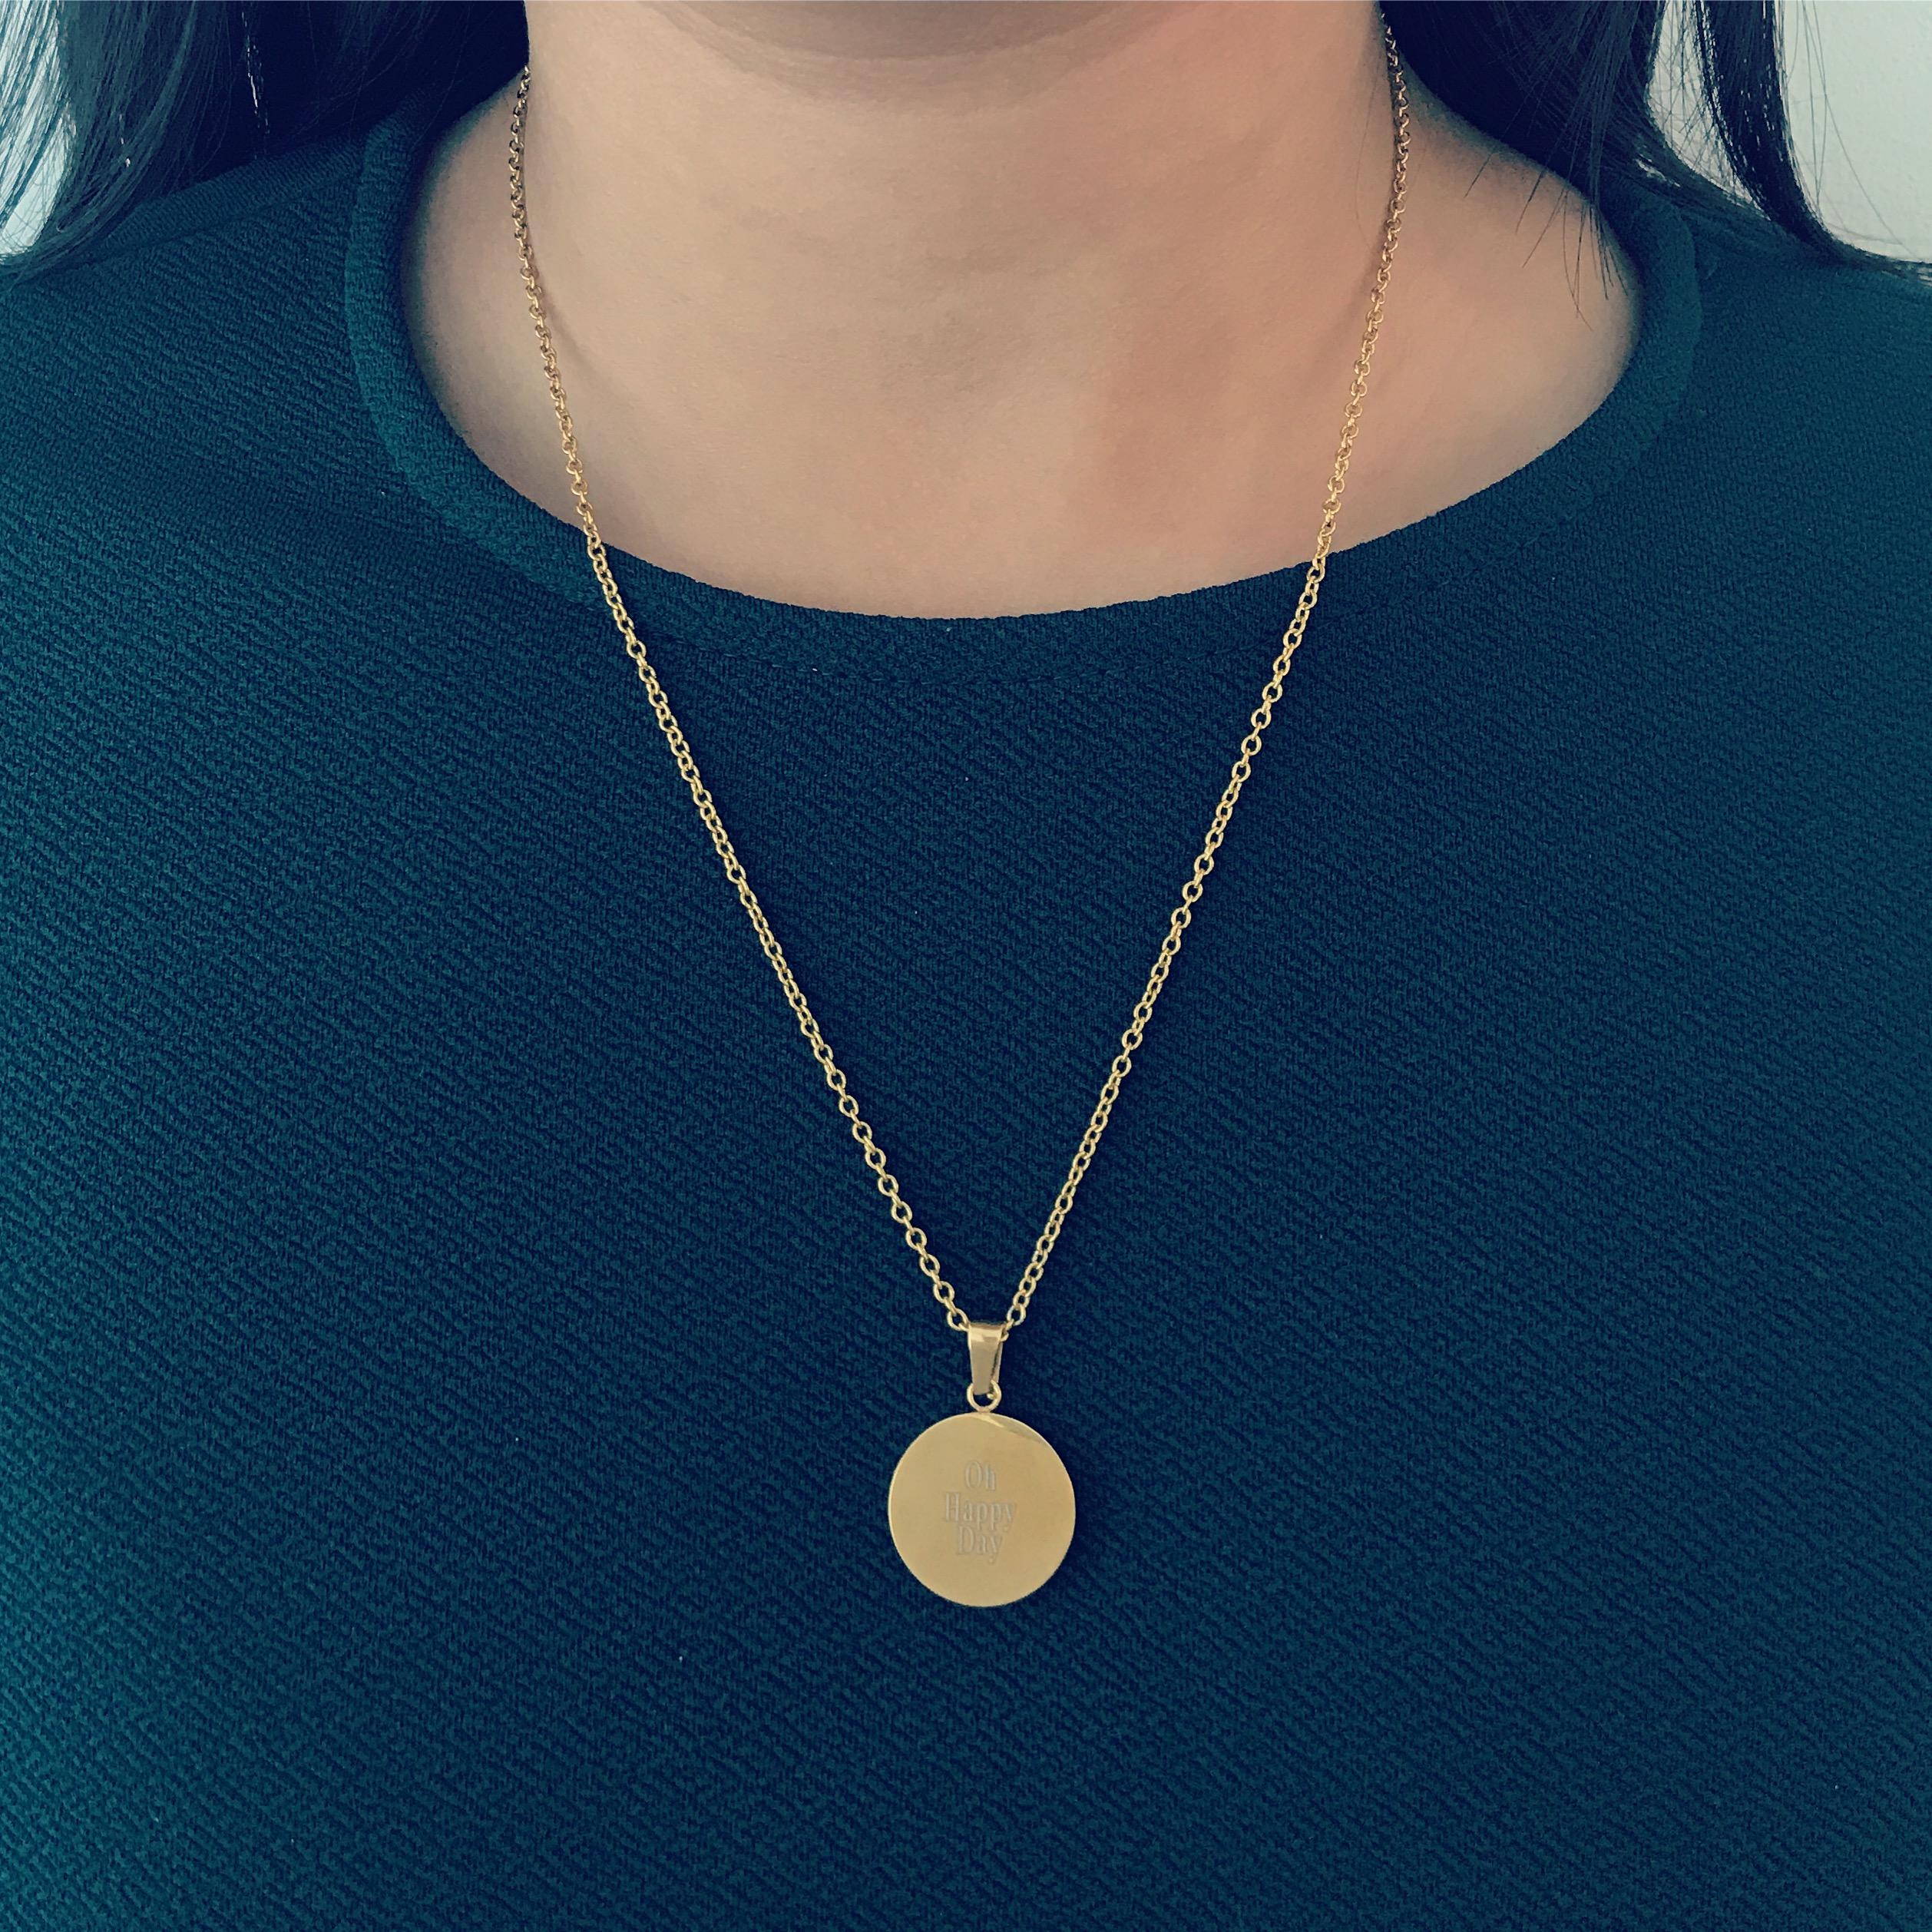 Ronde graveerbare gouden ketting bij meisje met donker haar